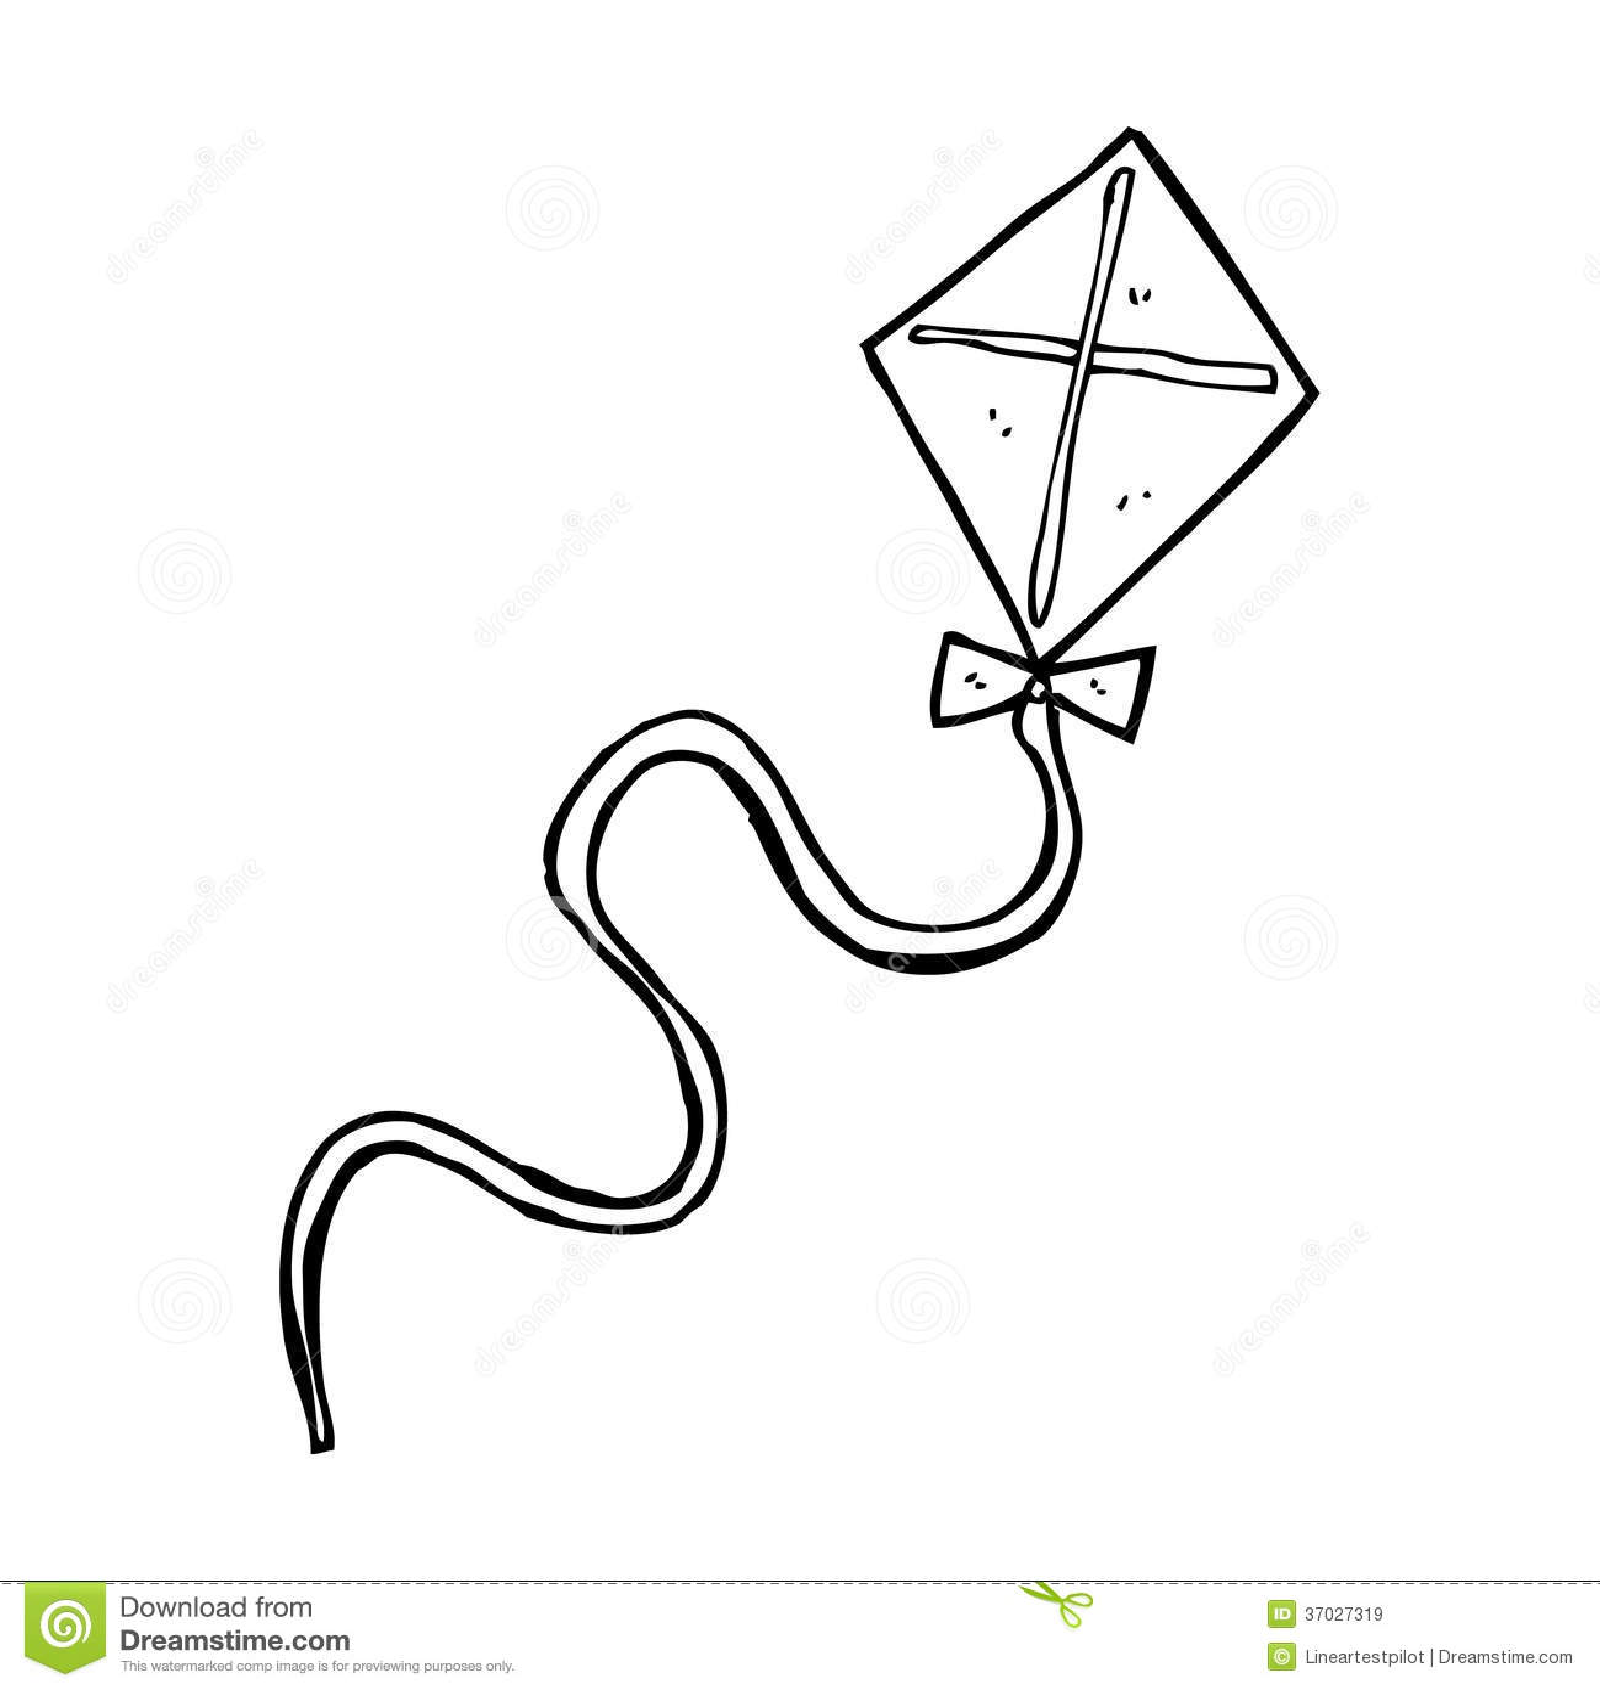 clipart black and white kite - photo #49